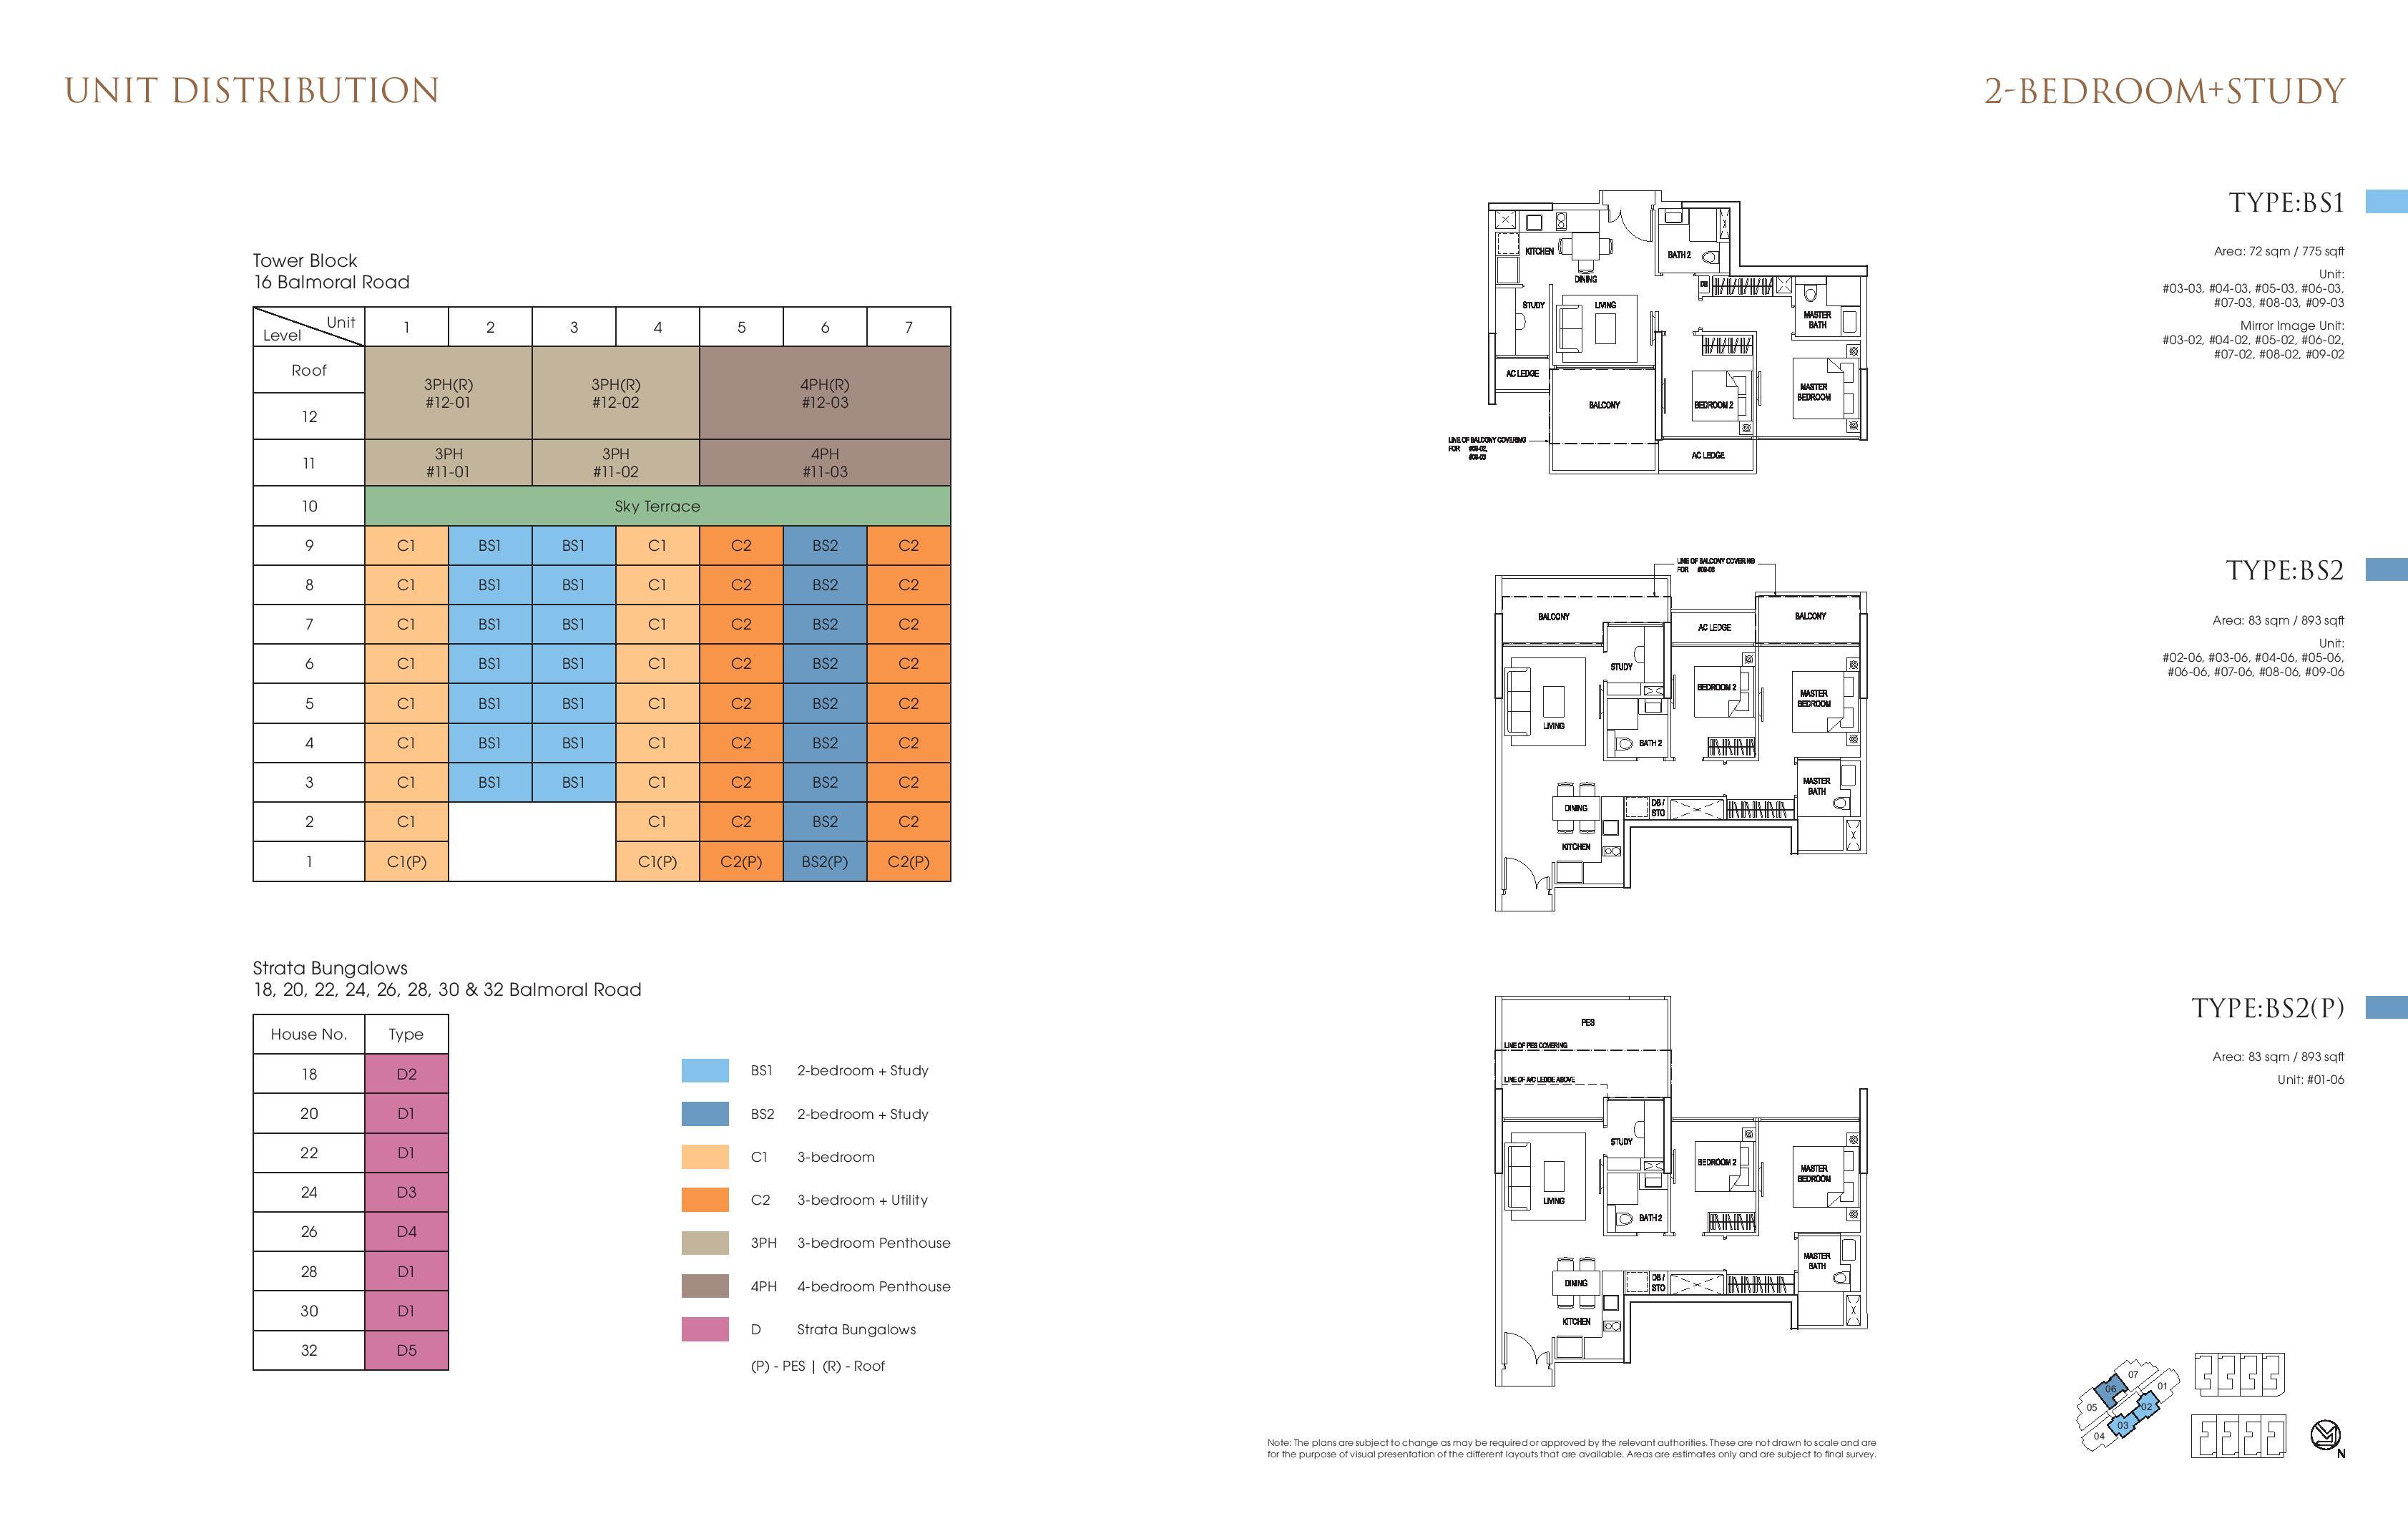 Goodwood Grand 2 Bedroom + Study Floor Plans